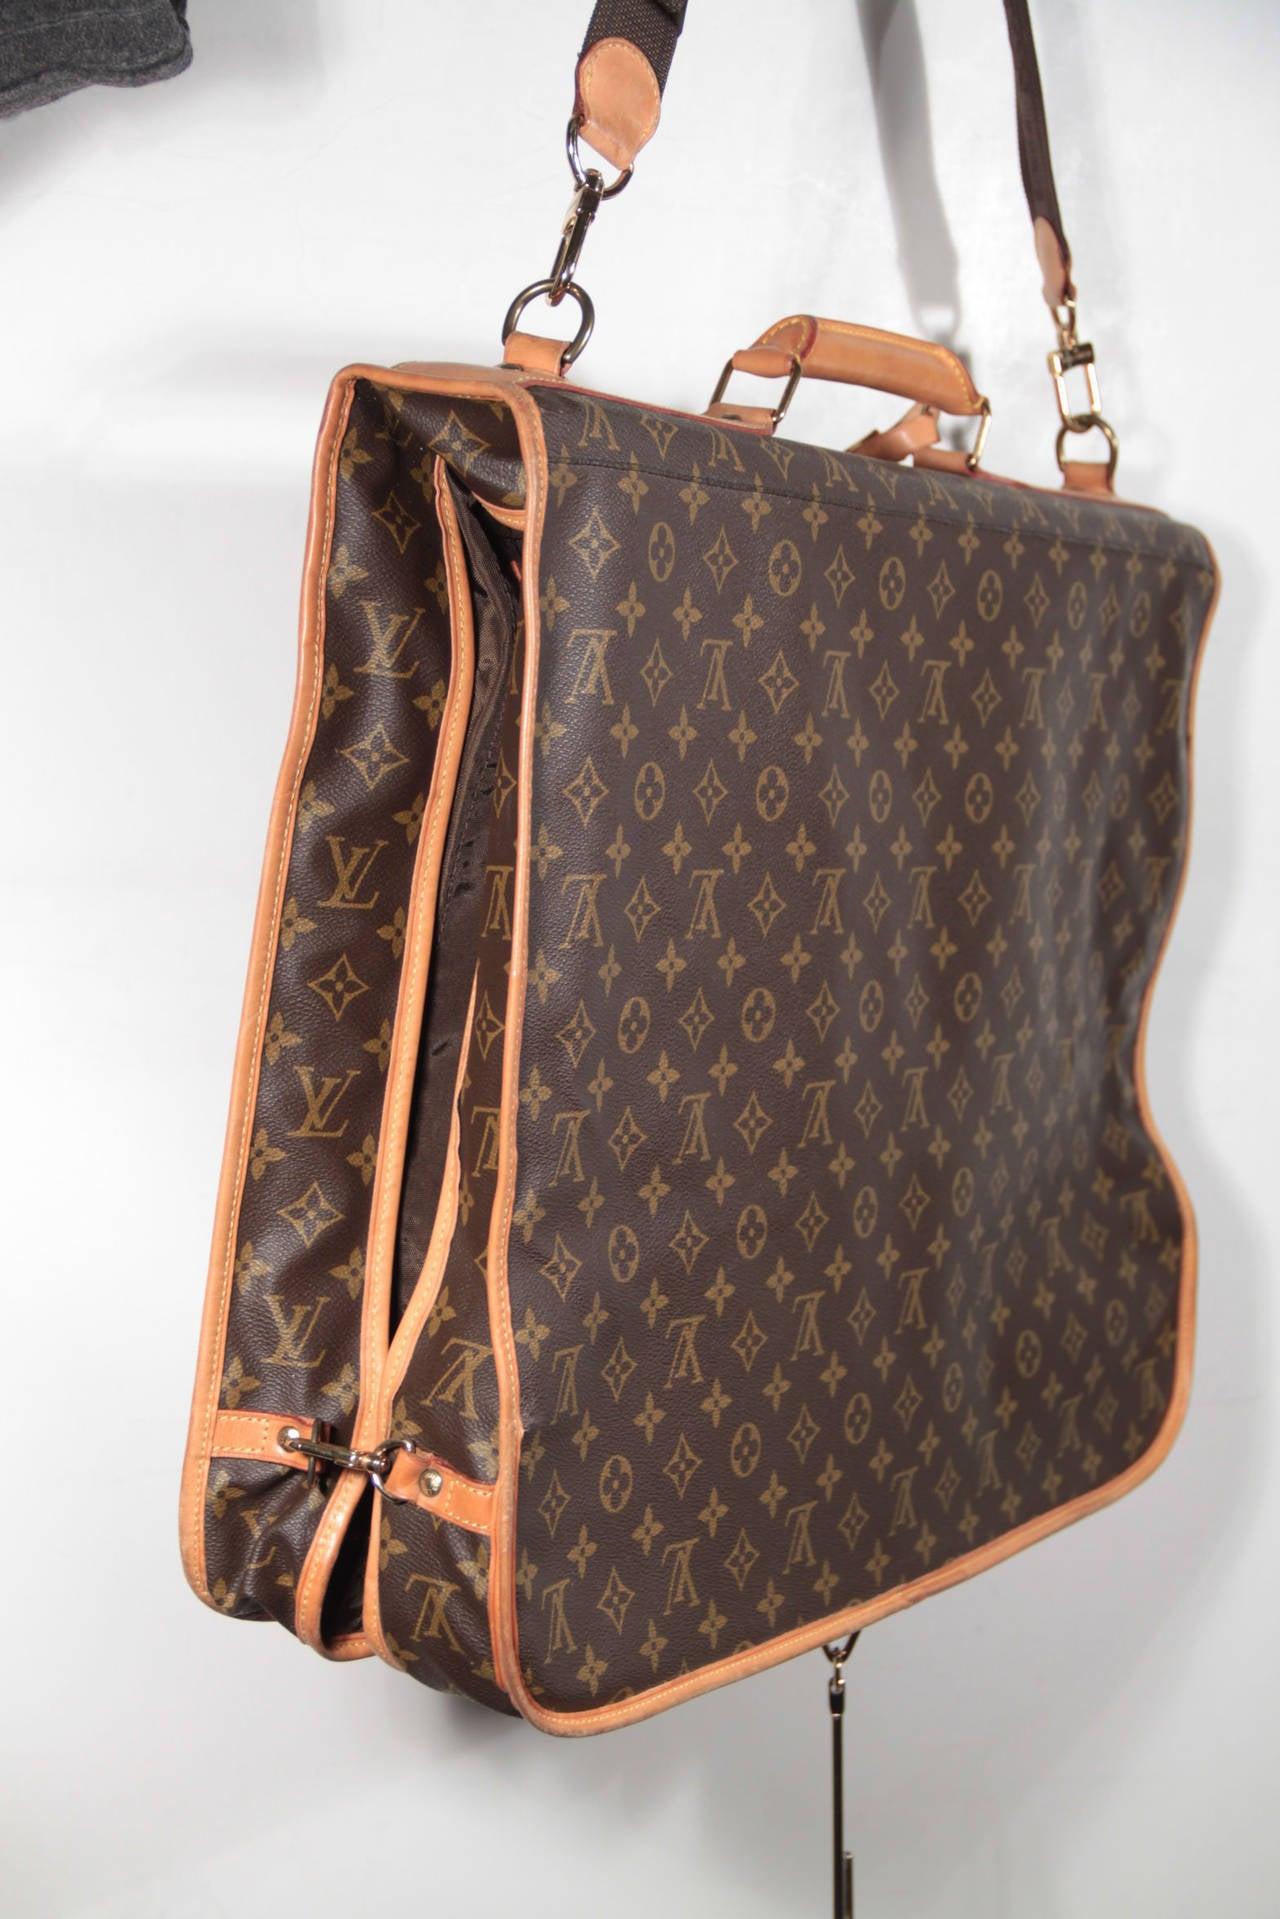 Black Louis Vuitton Monogram Canvas Garment Carrier Bag Travel Suit Cover 2 Hangers For